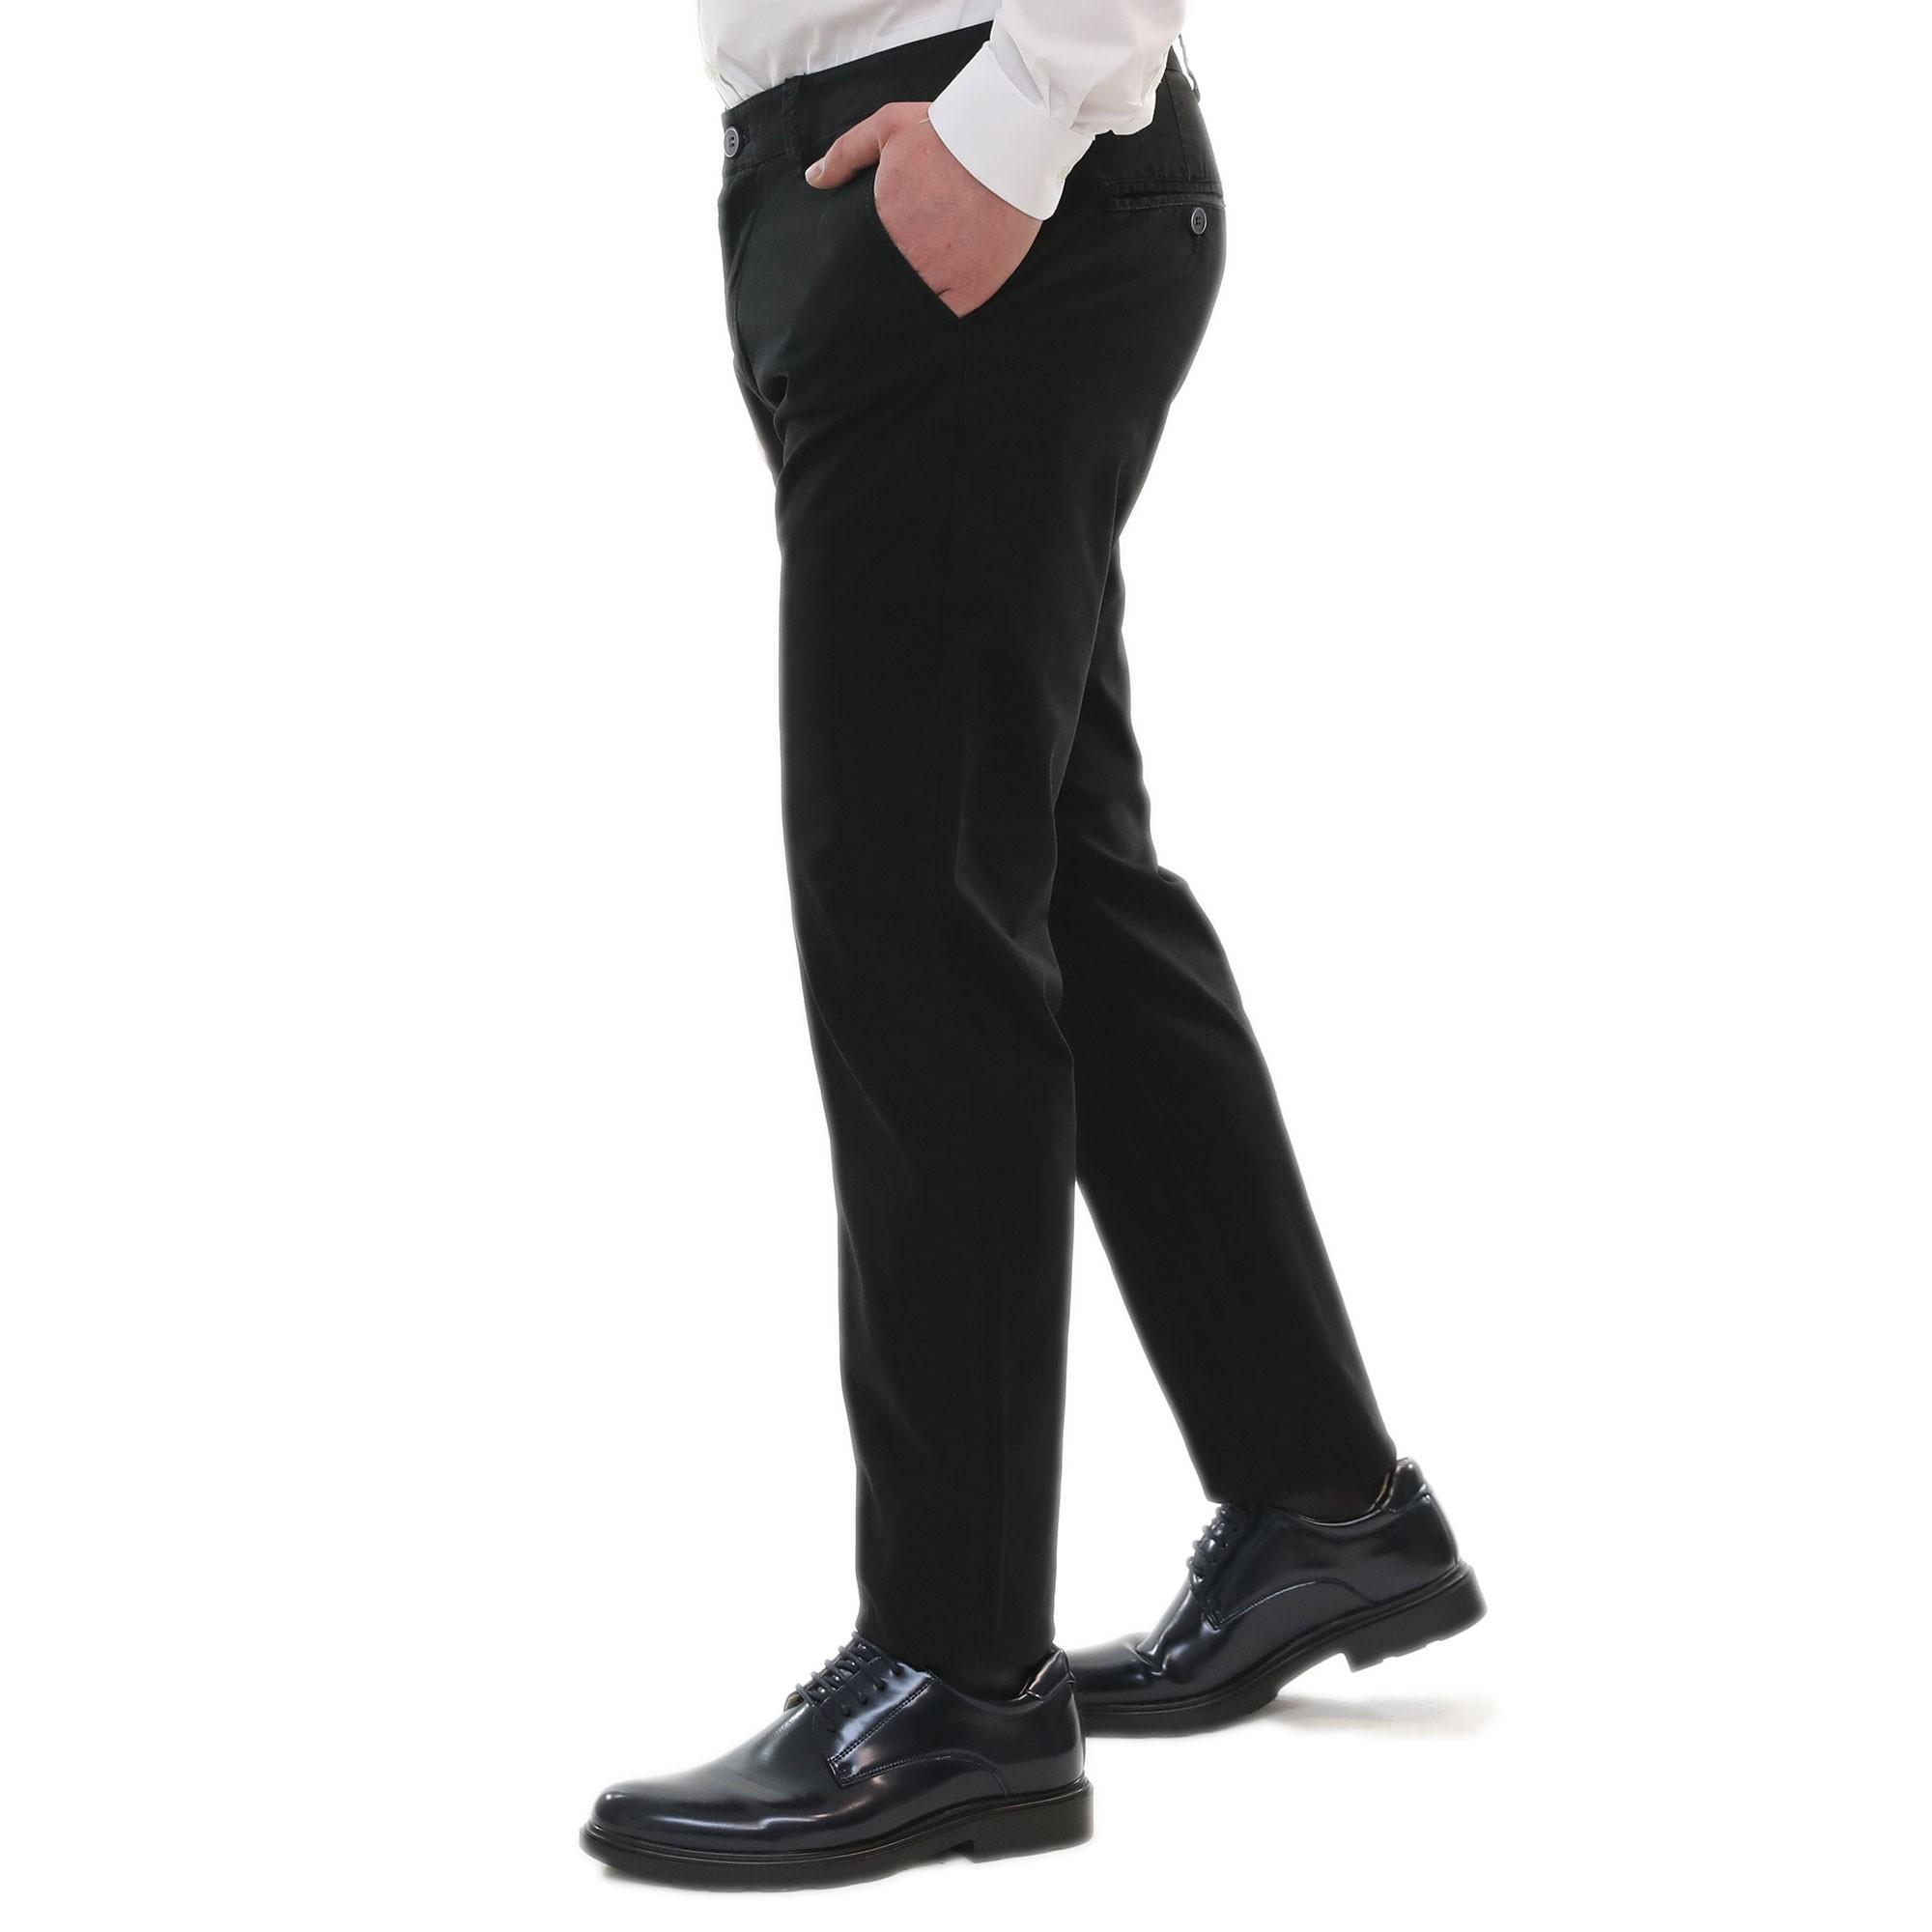 Pantaloni-Uomo-Estivi-Cotone-Chino-Slim-Fit-Elegante-Tasche-America miniatura 11